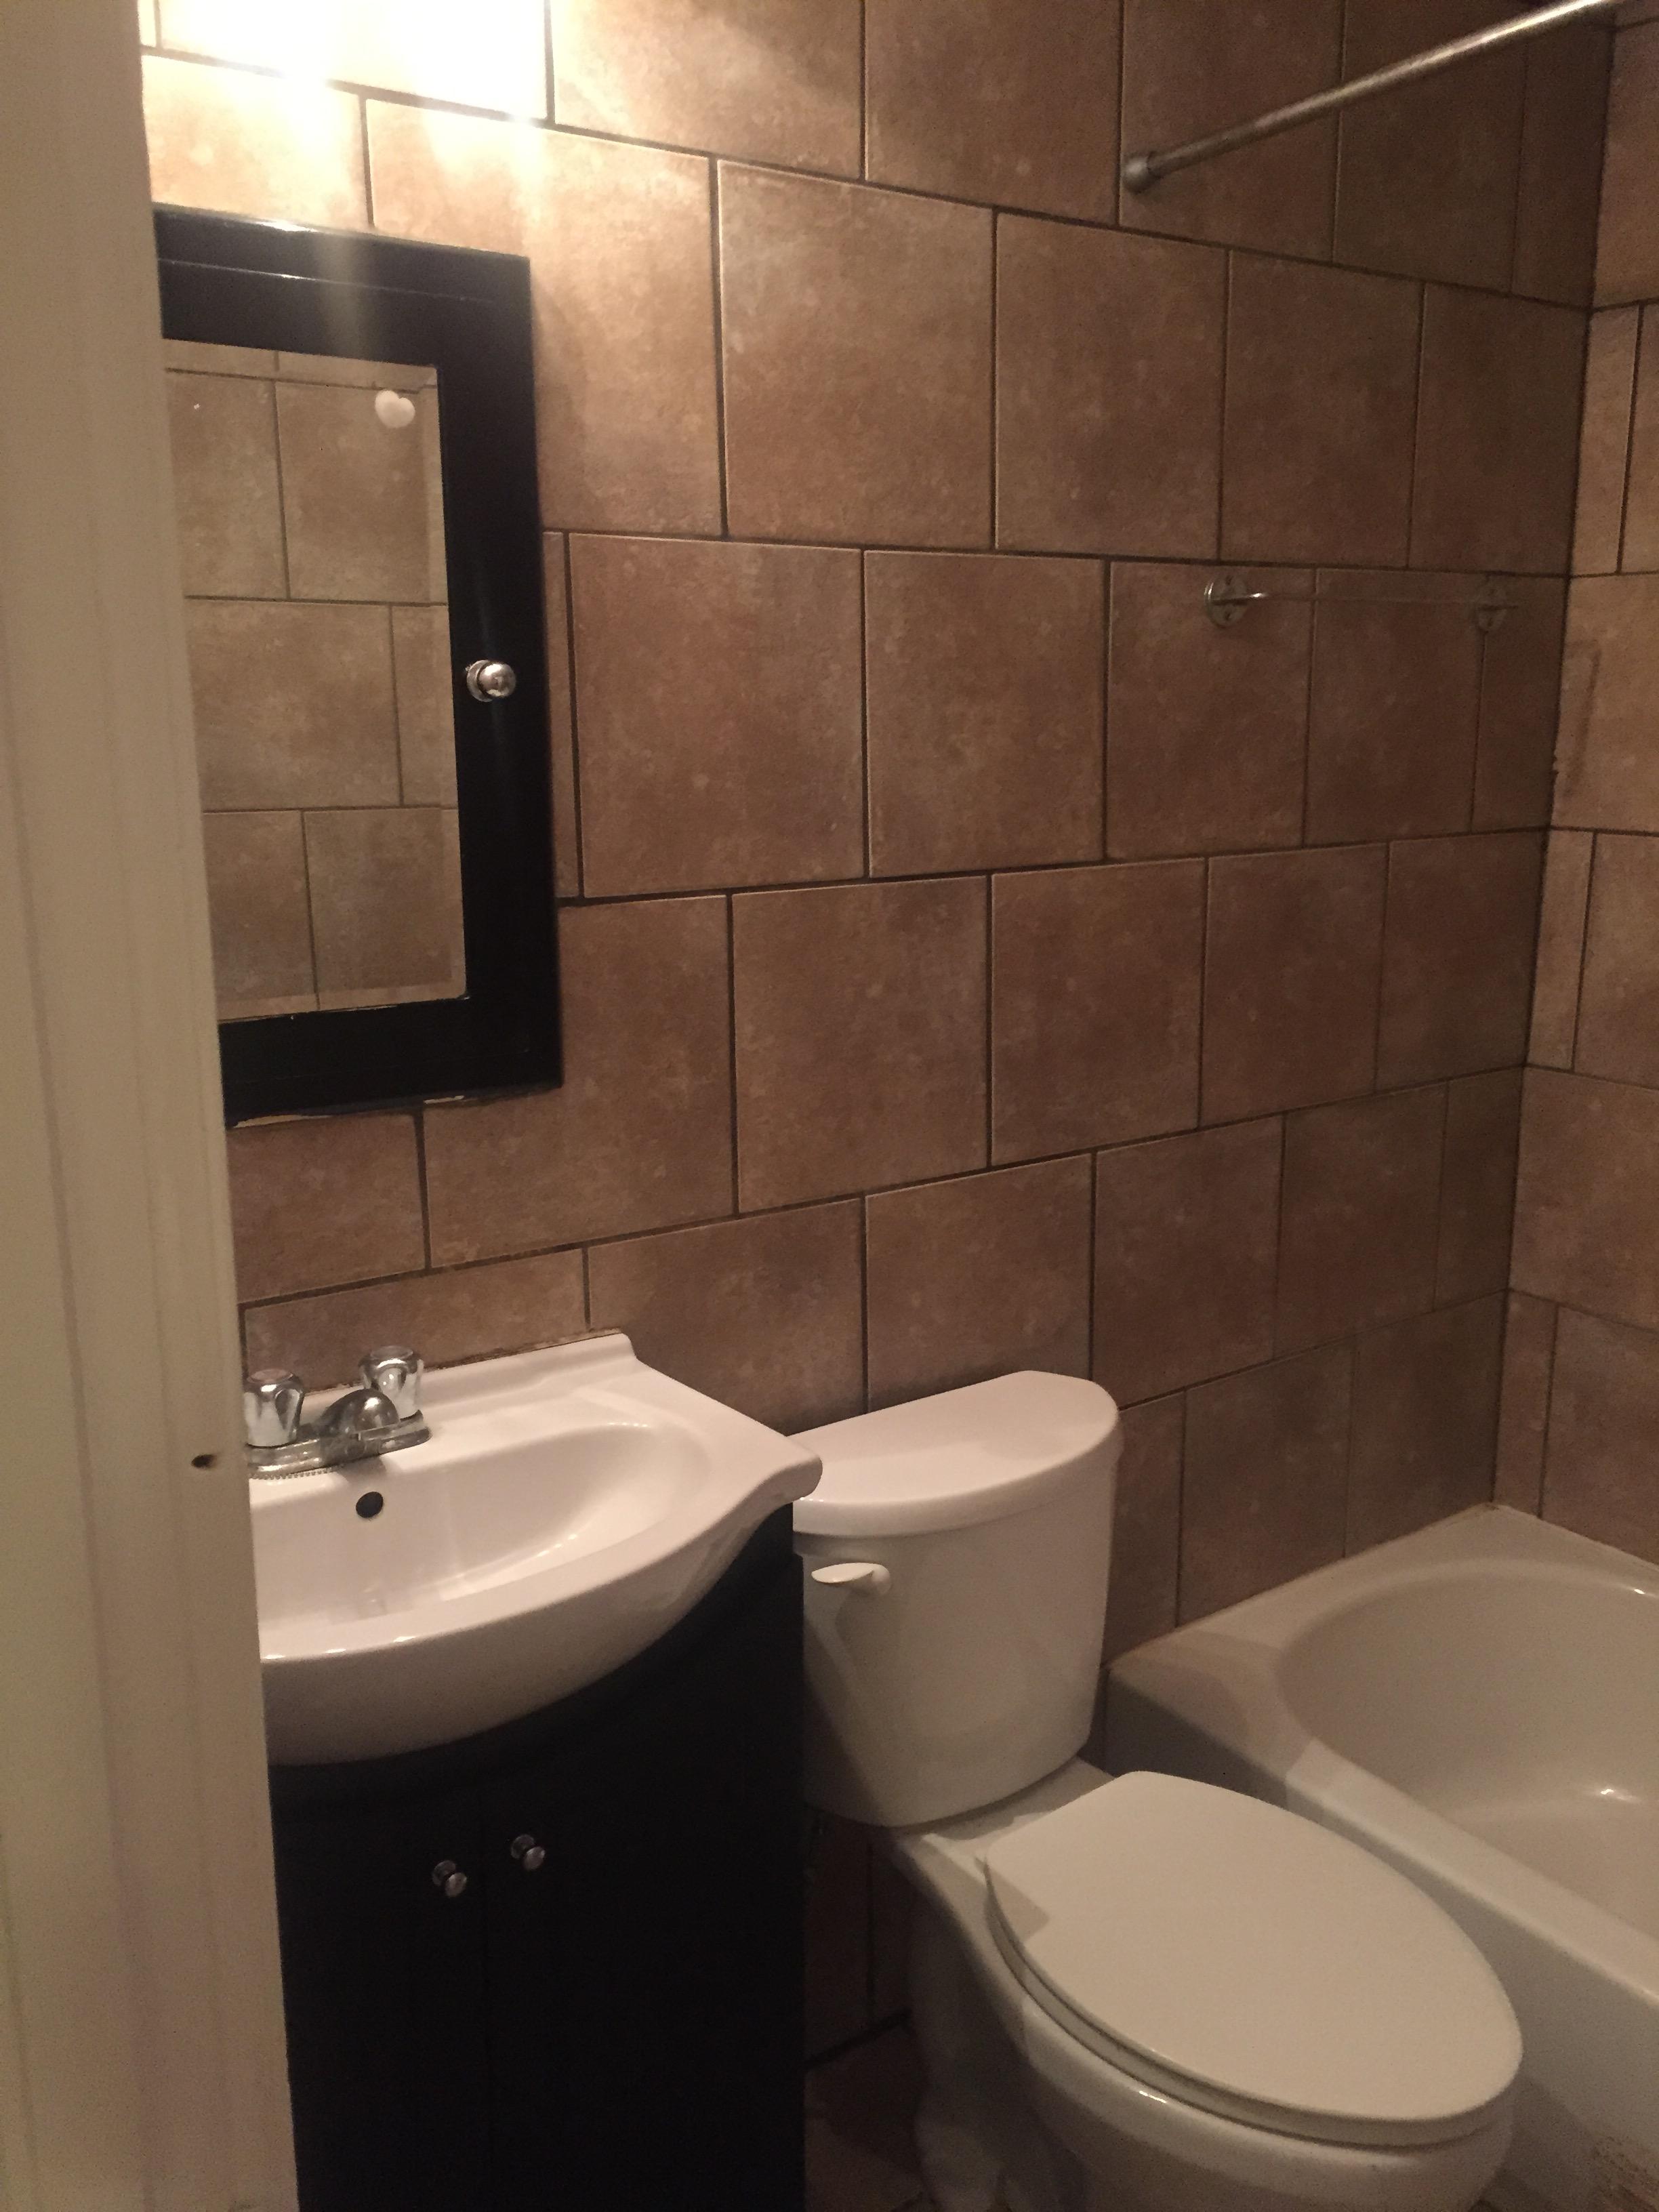 Appartement Studio / Bachelor a louer à Montréal (Centre-Ville) a 2070 Chomedey - Photo 04 - PagesDesLocataires – L112096